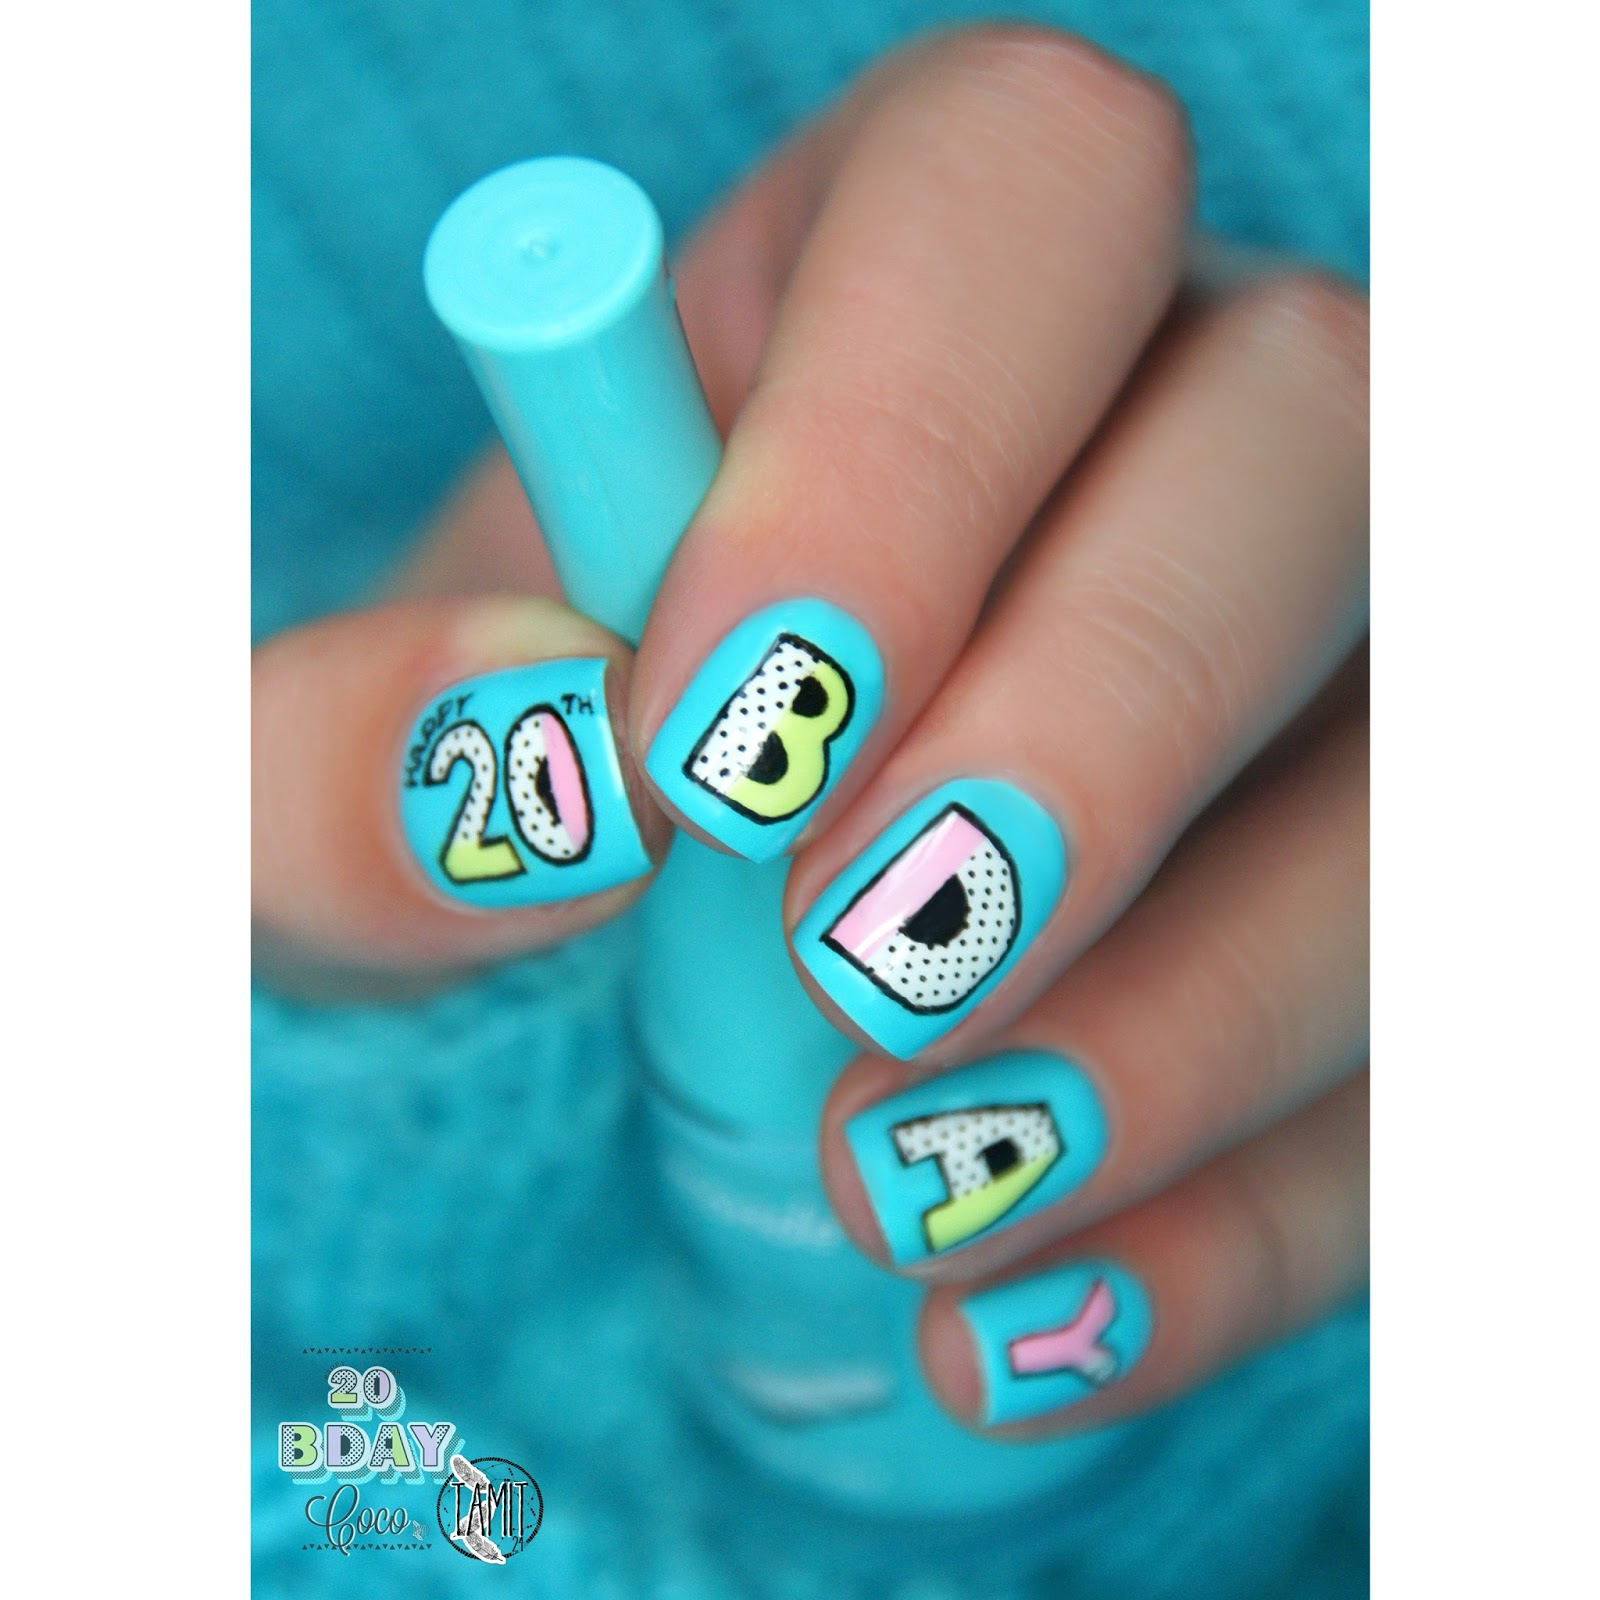 Happy Birthday Nails: Fall In ...naiLove!: Happy B-DAY, Coco